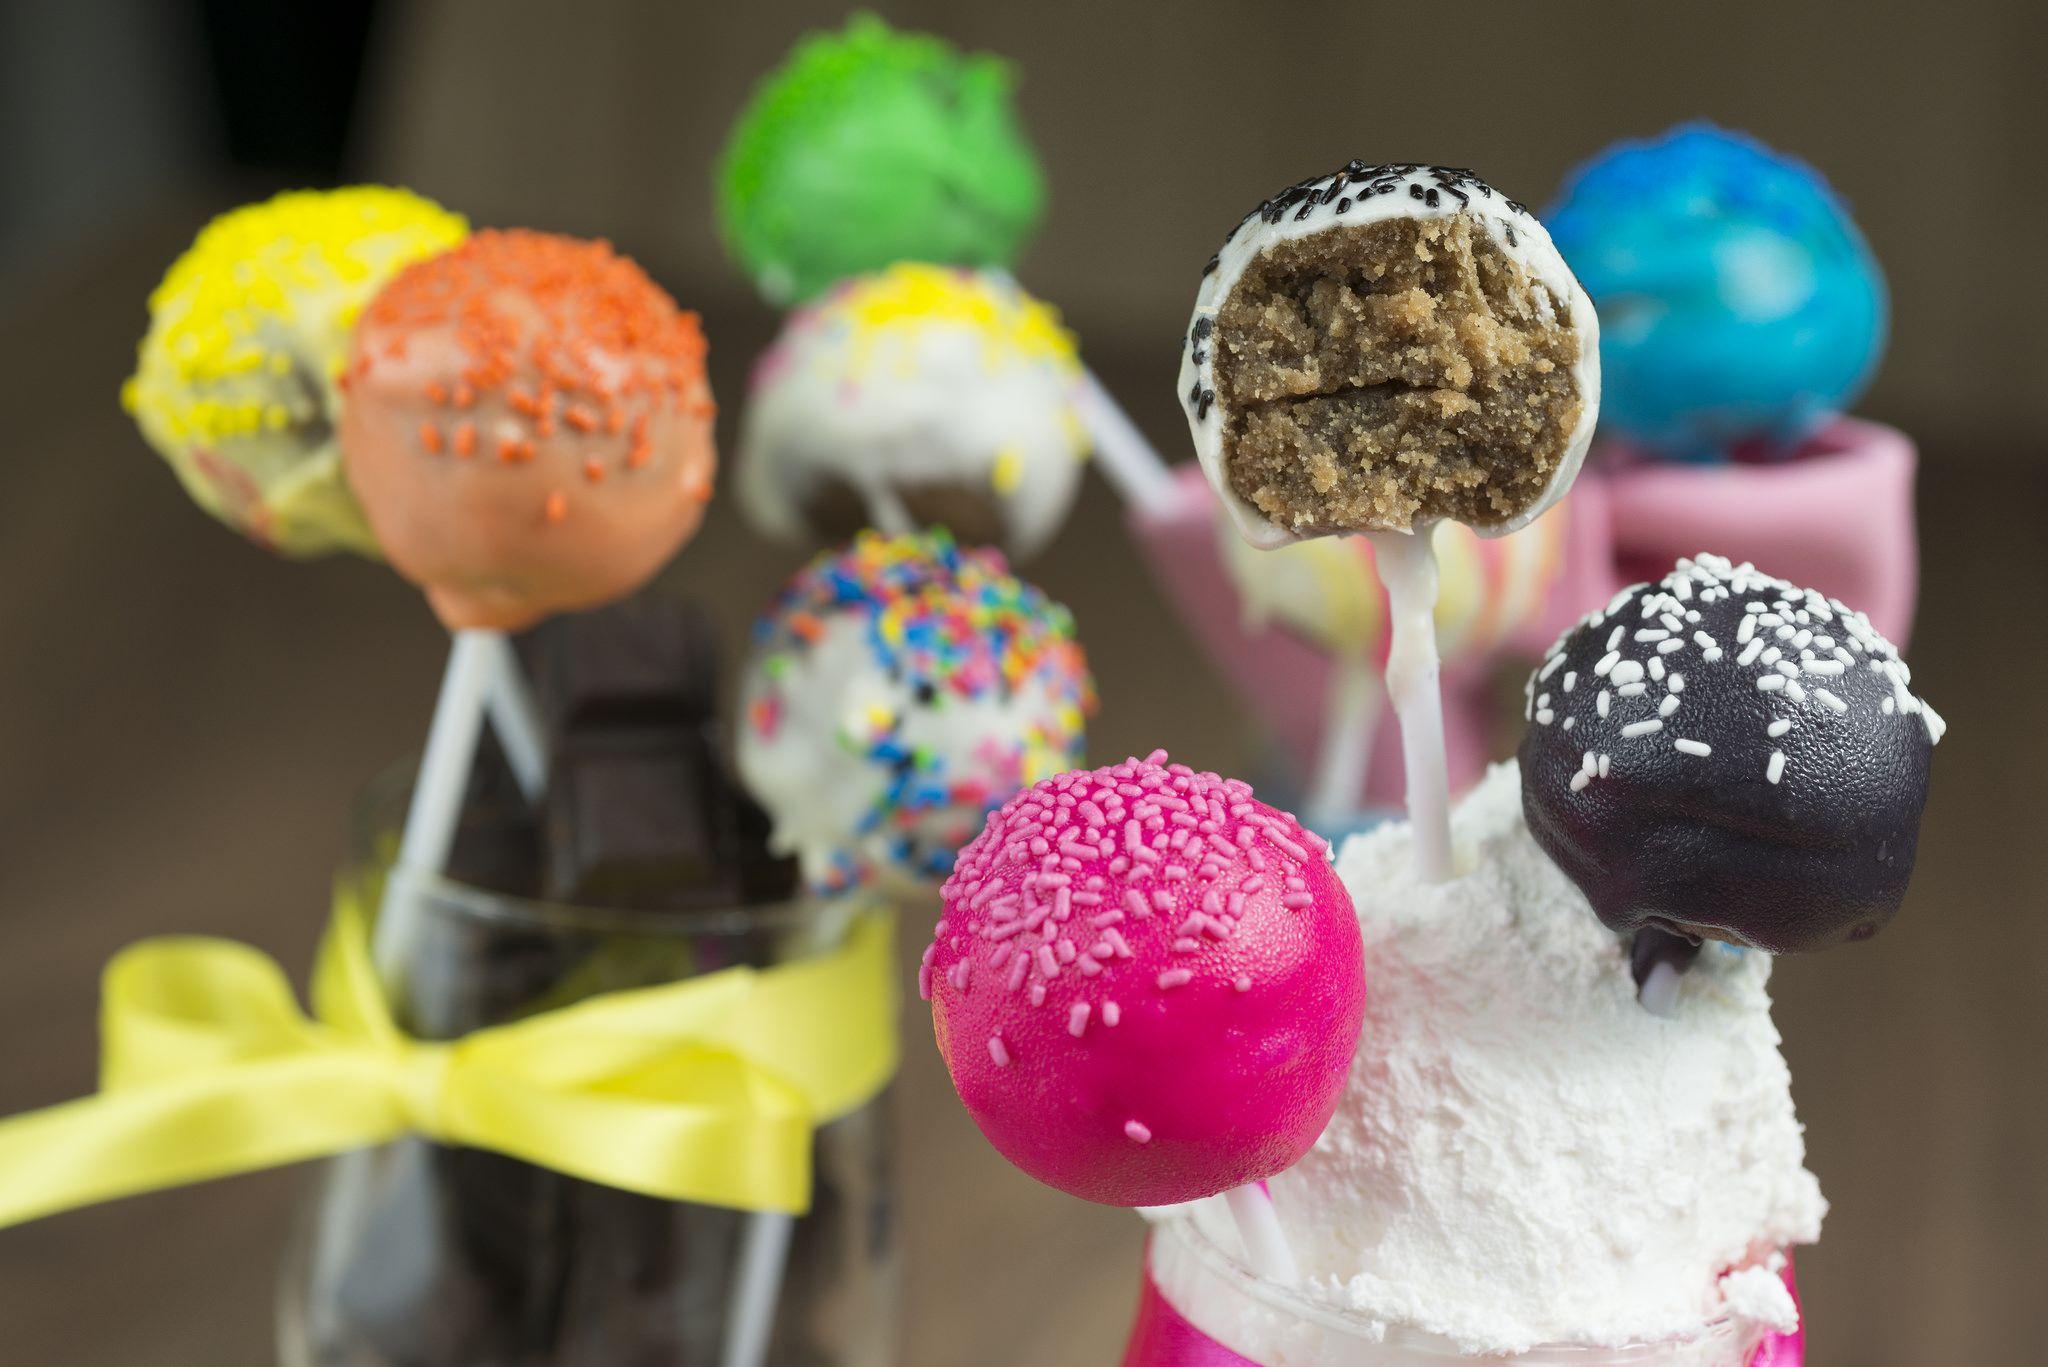 Cake pops možete poručiti i kod nas, u sastavu imaju rastresiti, drobljeni patišpanj uz dodatak euro krema, čokolade i ukusa pomorandže. Glazura je čokoladna i u bojama koje vi odaberete.